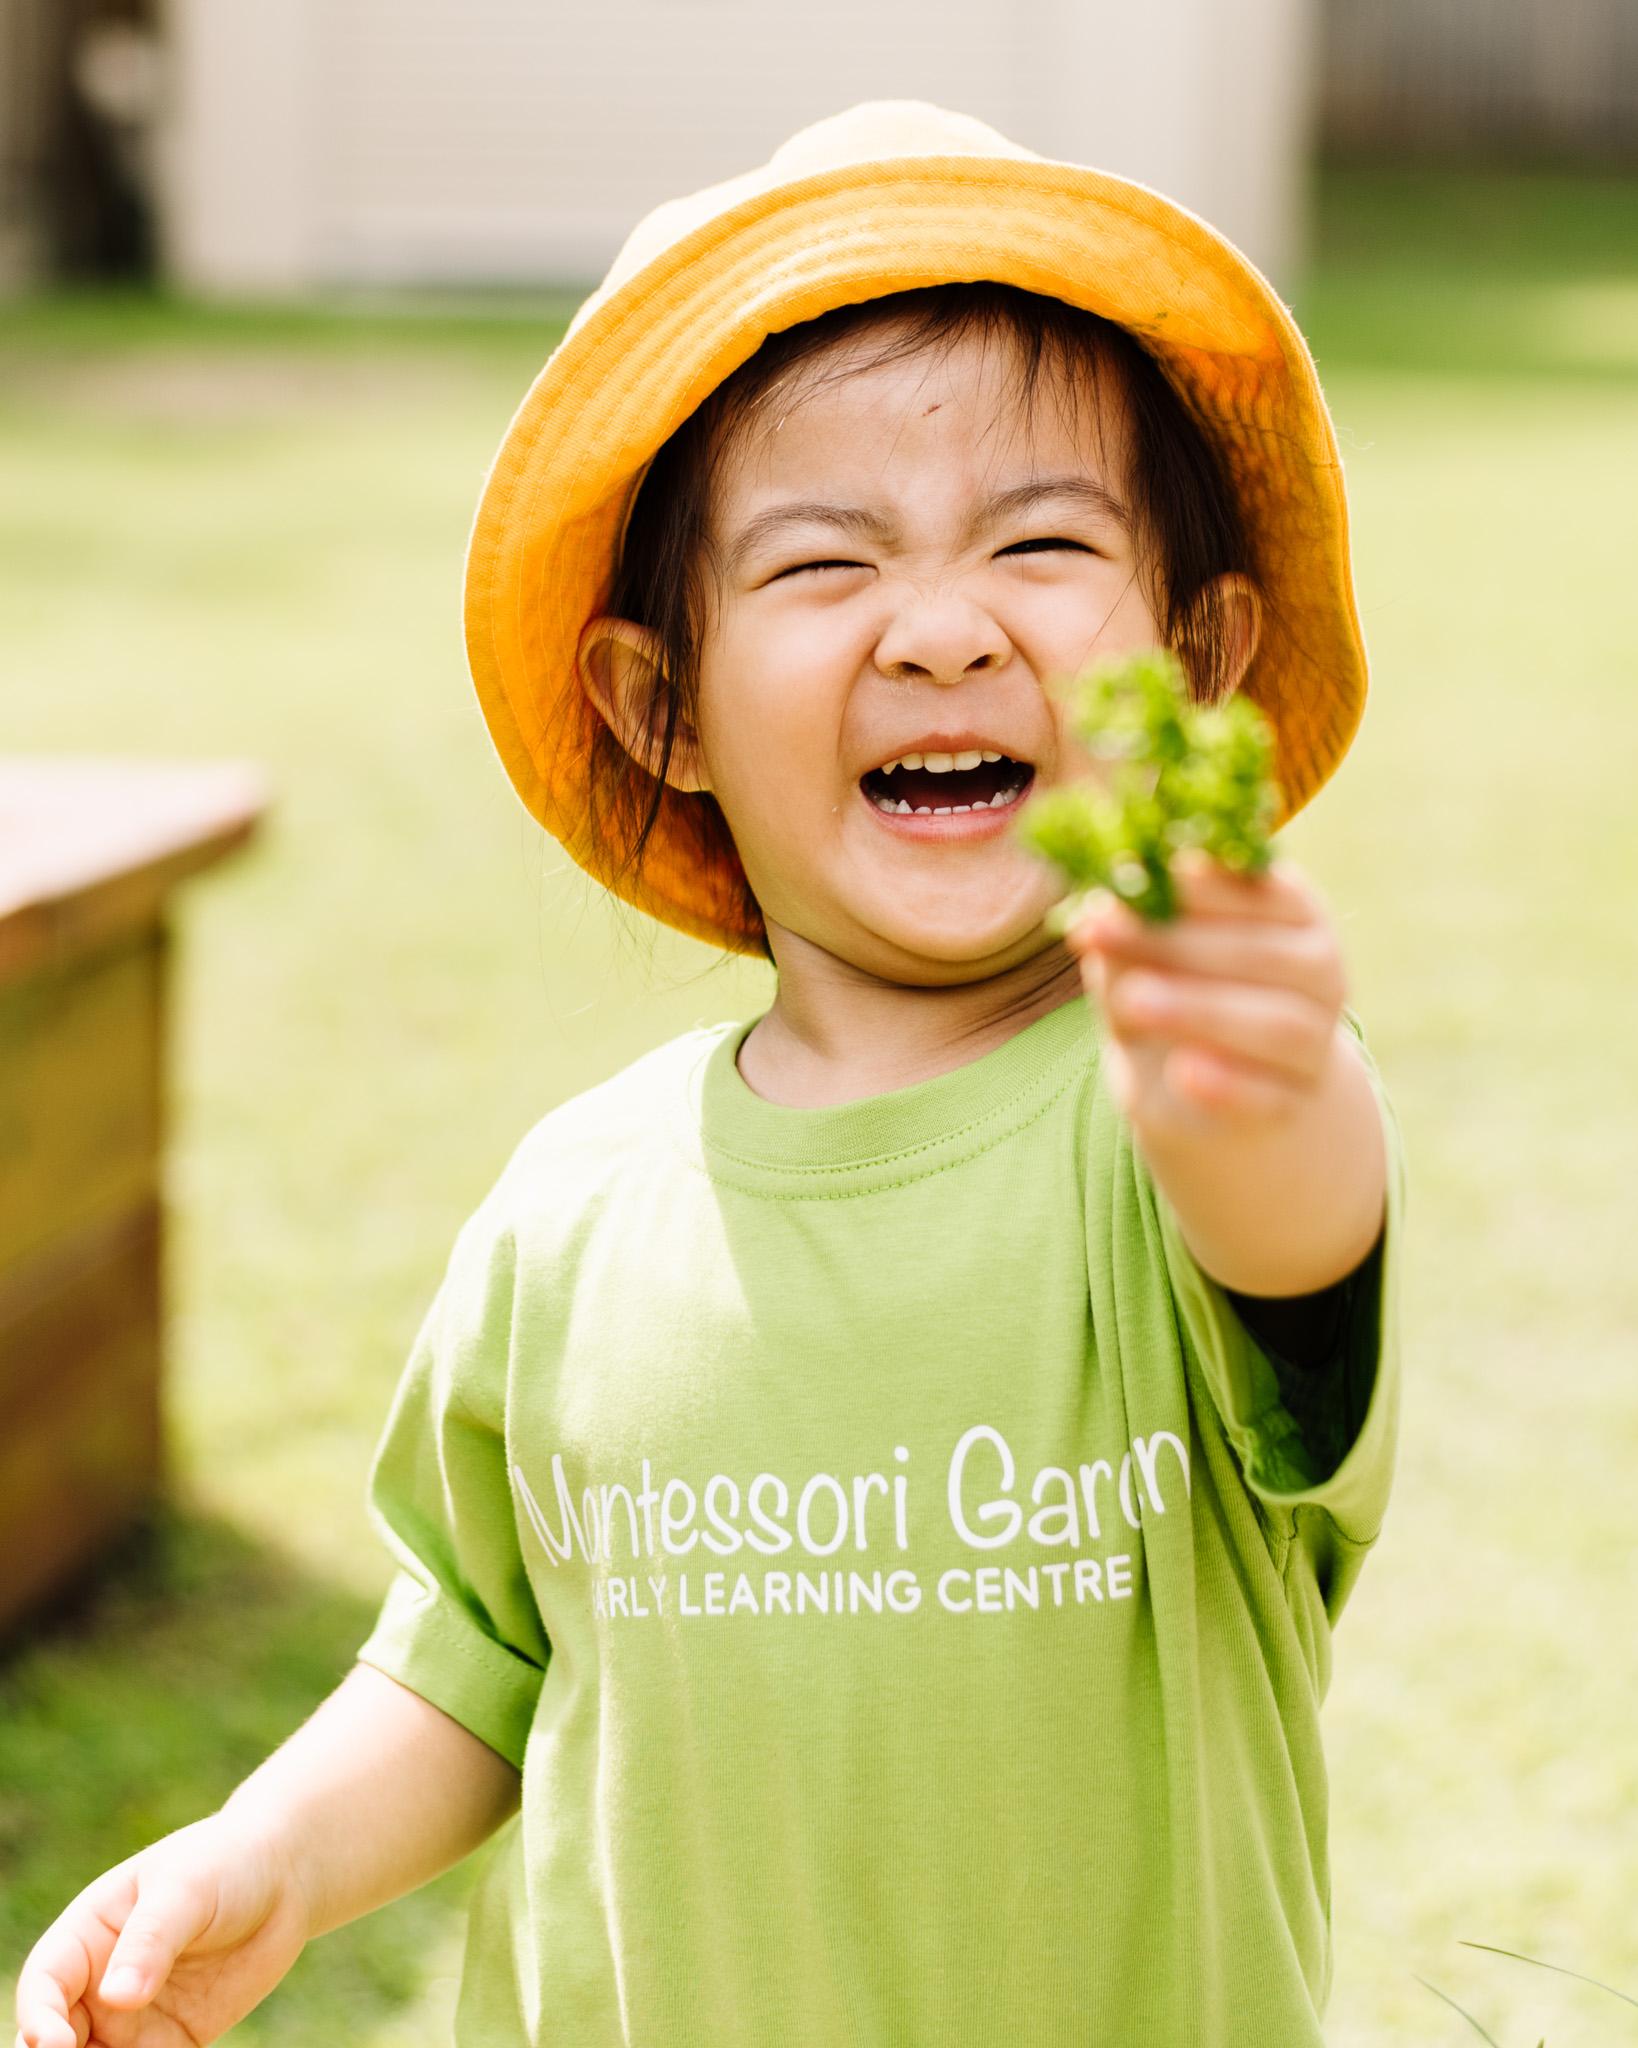 MontessoriGarden_YMoosa-6.jpg